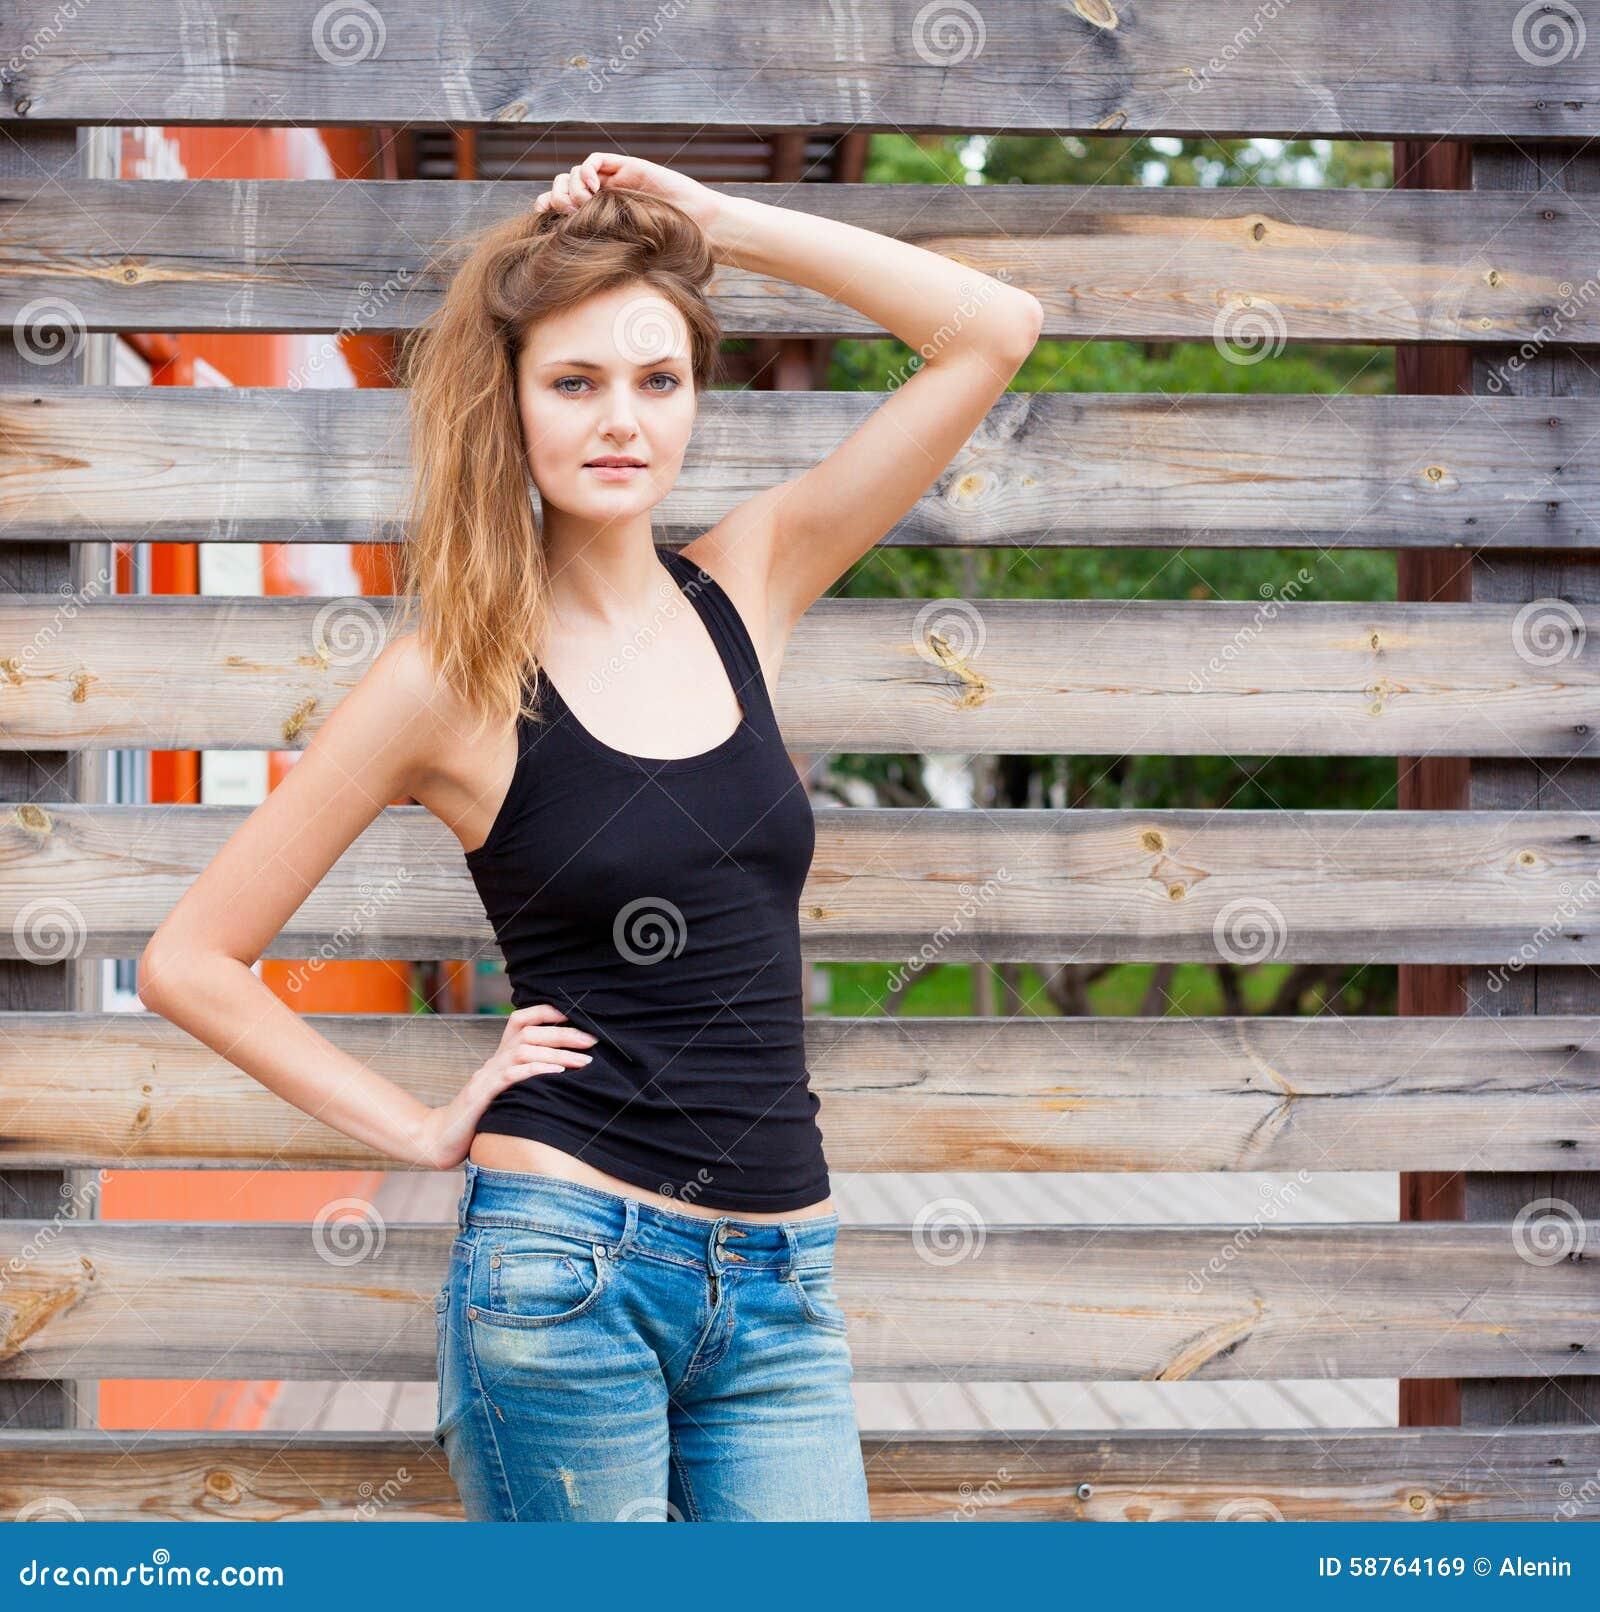 Portret van In Sexy Meisje Status bij de Oude Houten Muurachtergrond Stedelijk Manierconcept De ruimte van het exemplaar